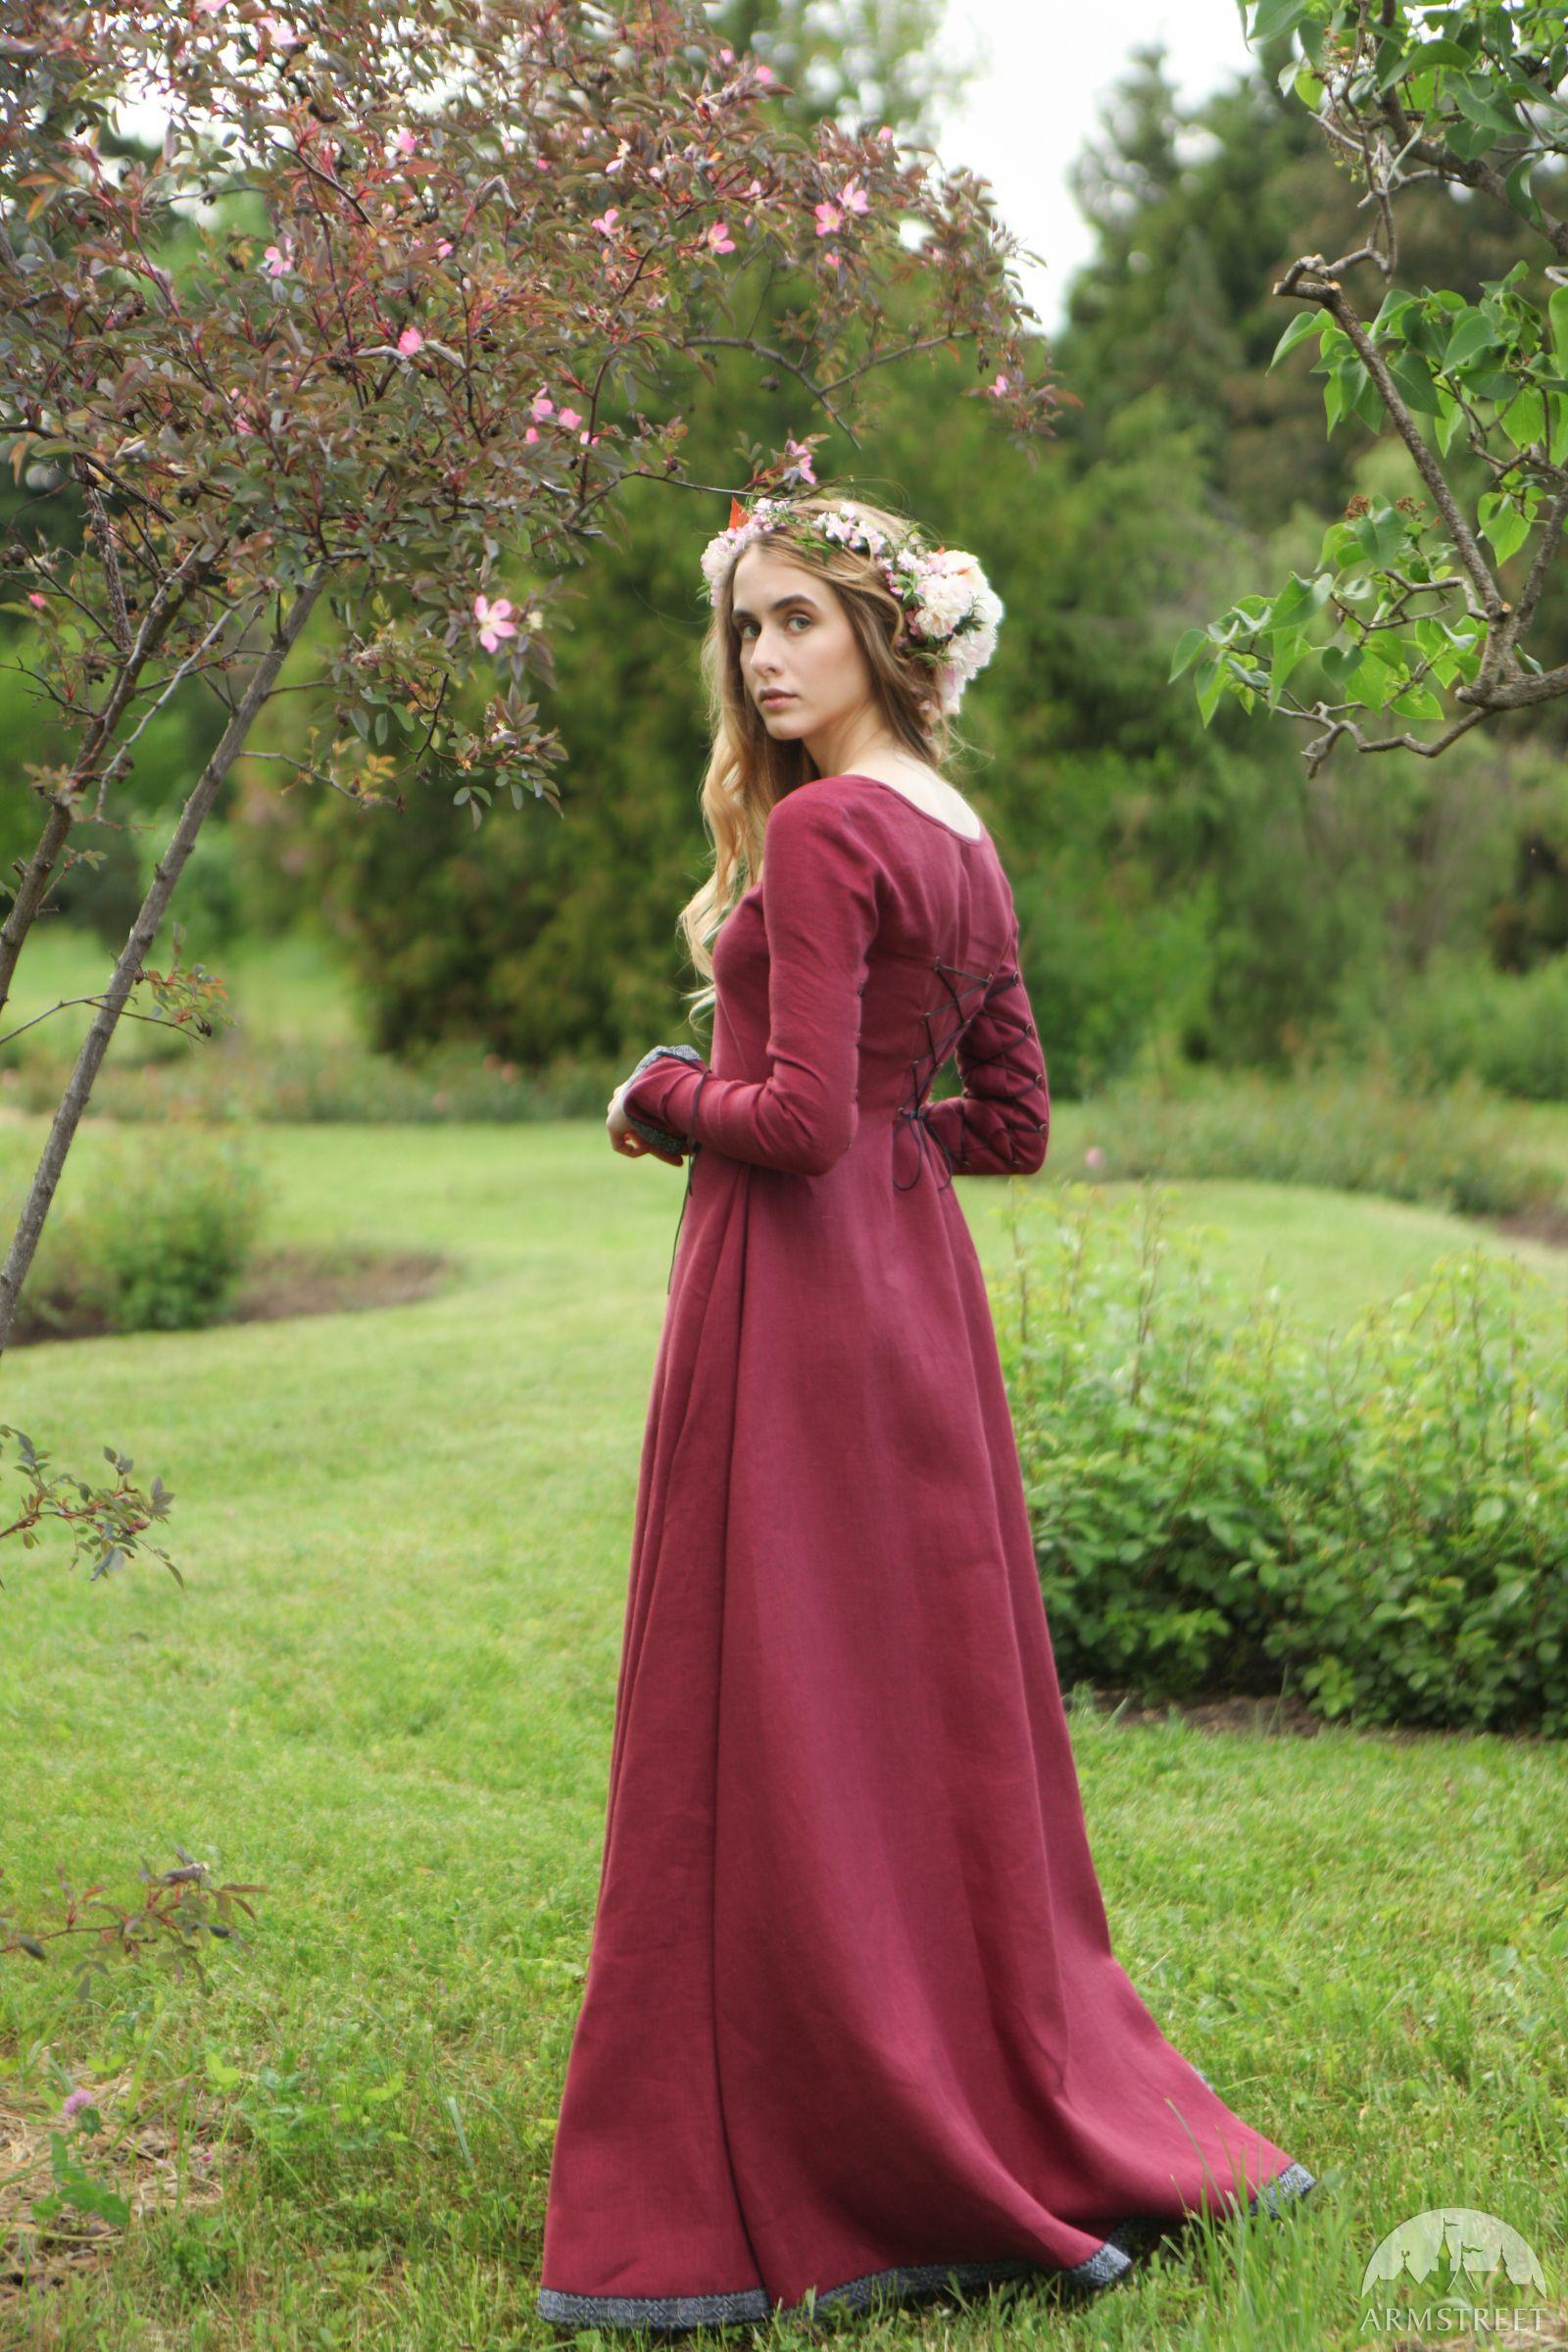 Abend Fantastisch Schöne Kleider Für Festliche Anlässe Stylish10 Luxurius Schöne Kleider Für Festliche Anlässe Bester Preis